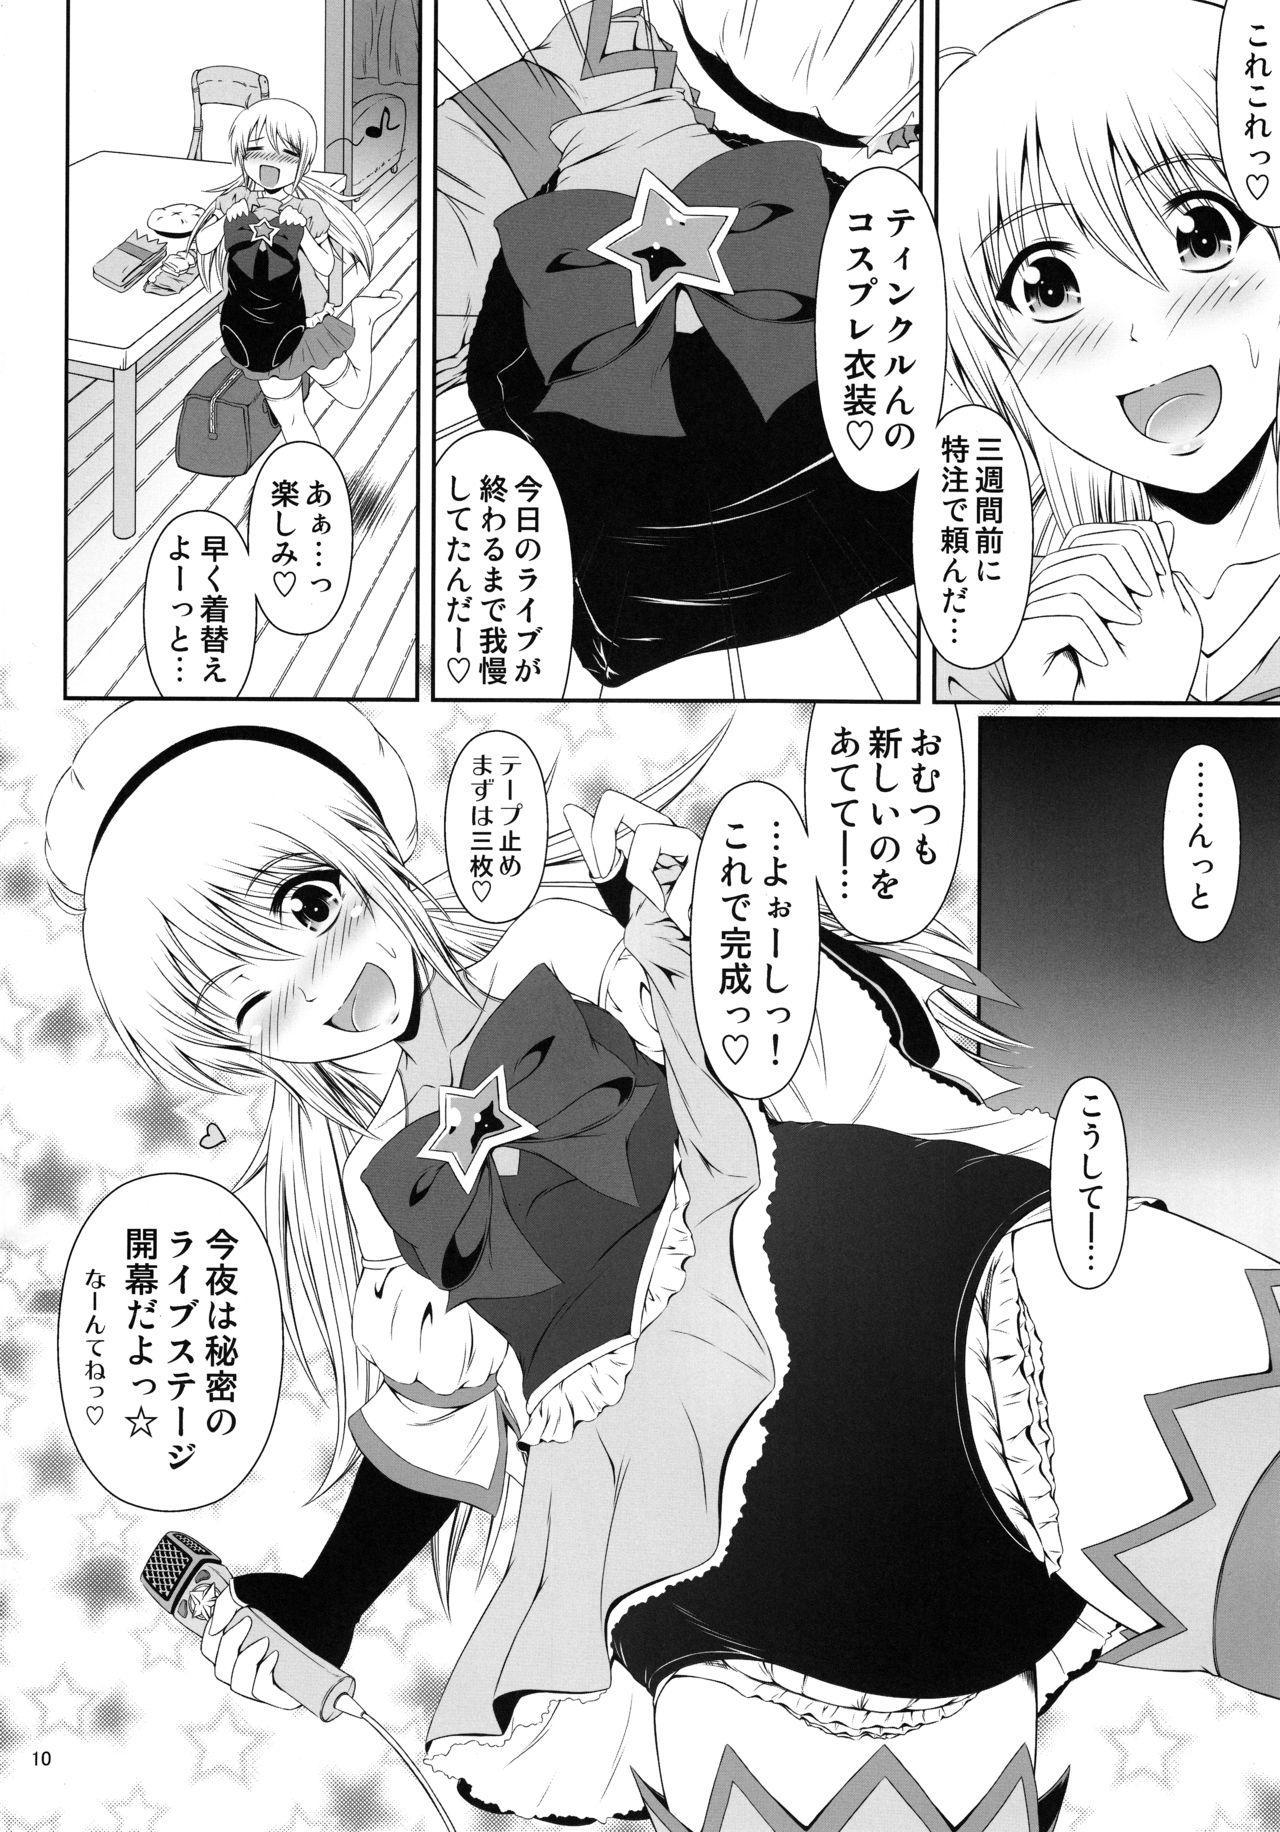 (C86) [Atelier Lunette (Mikuni Atsuko)] SCANDALOUS -Haisetsu no Utahime- act.3 10